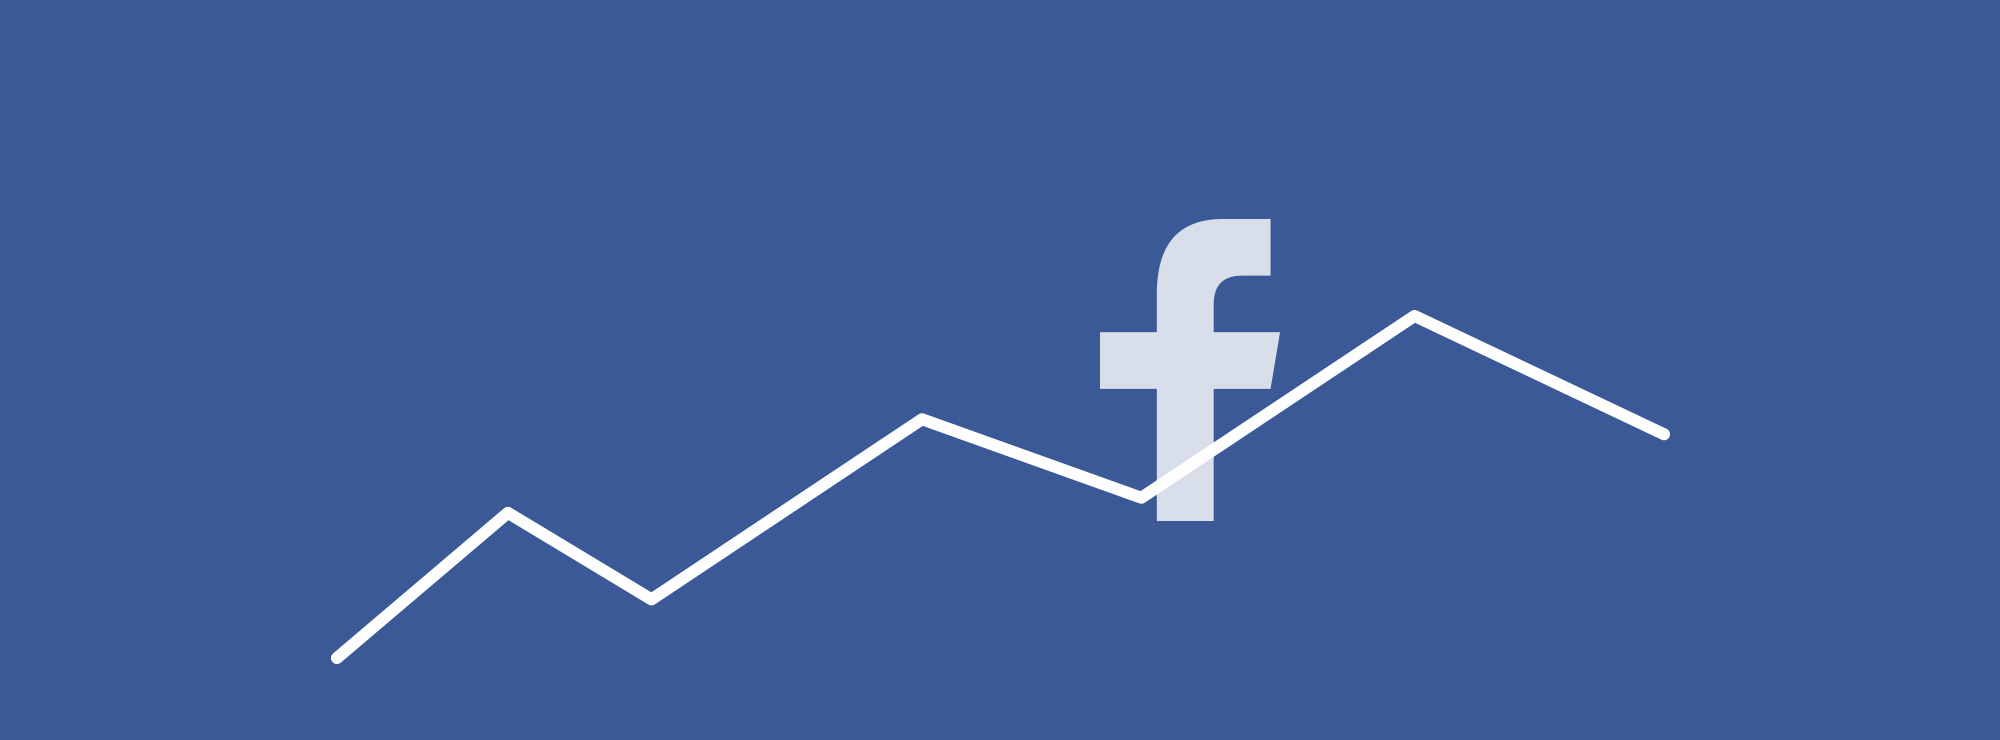 2015 Social Media Trends So Far